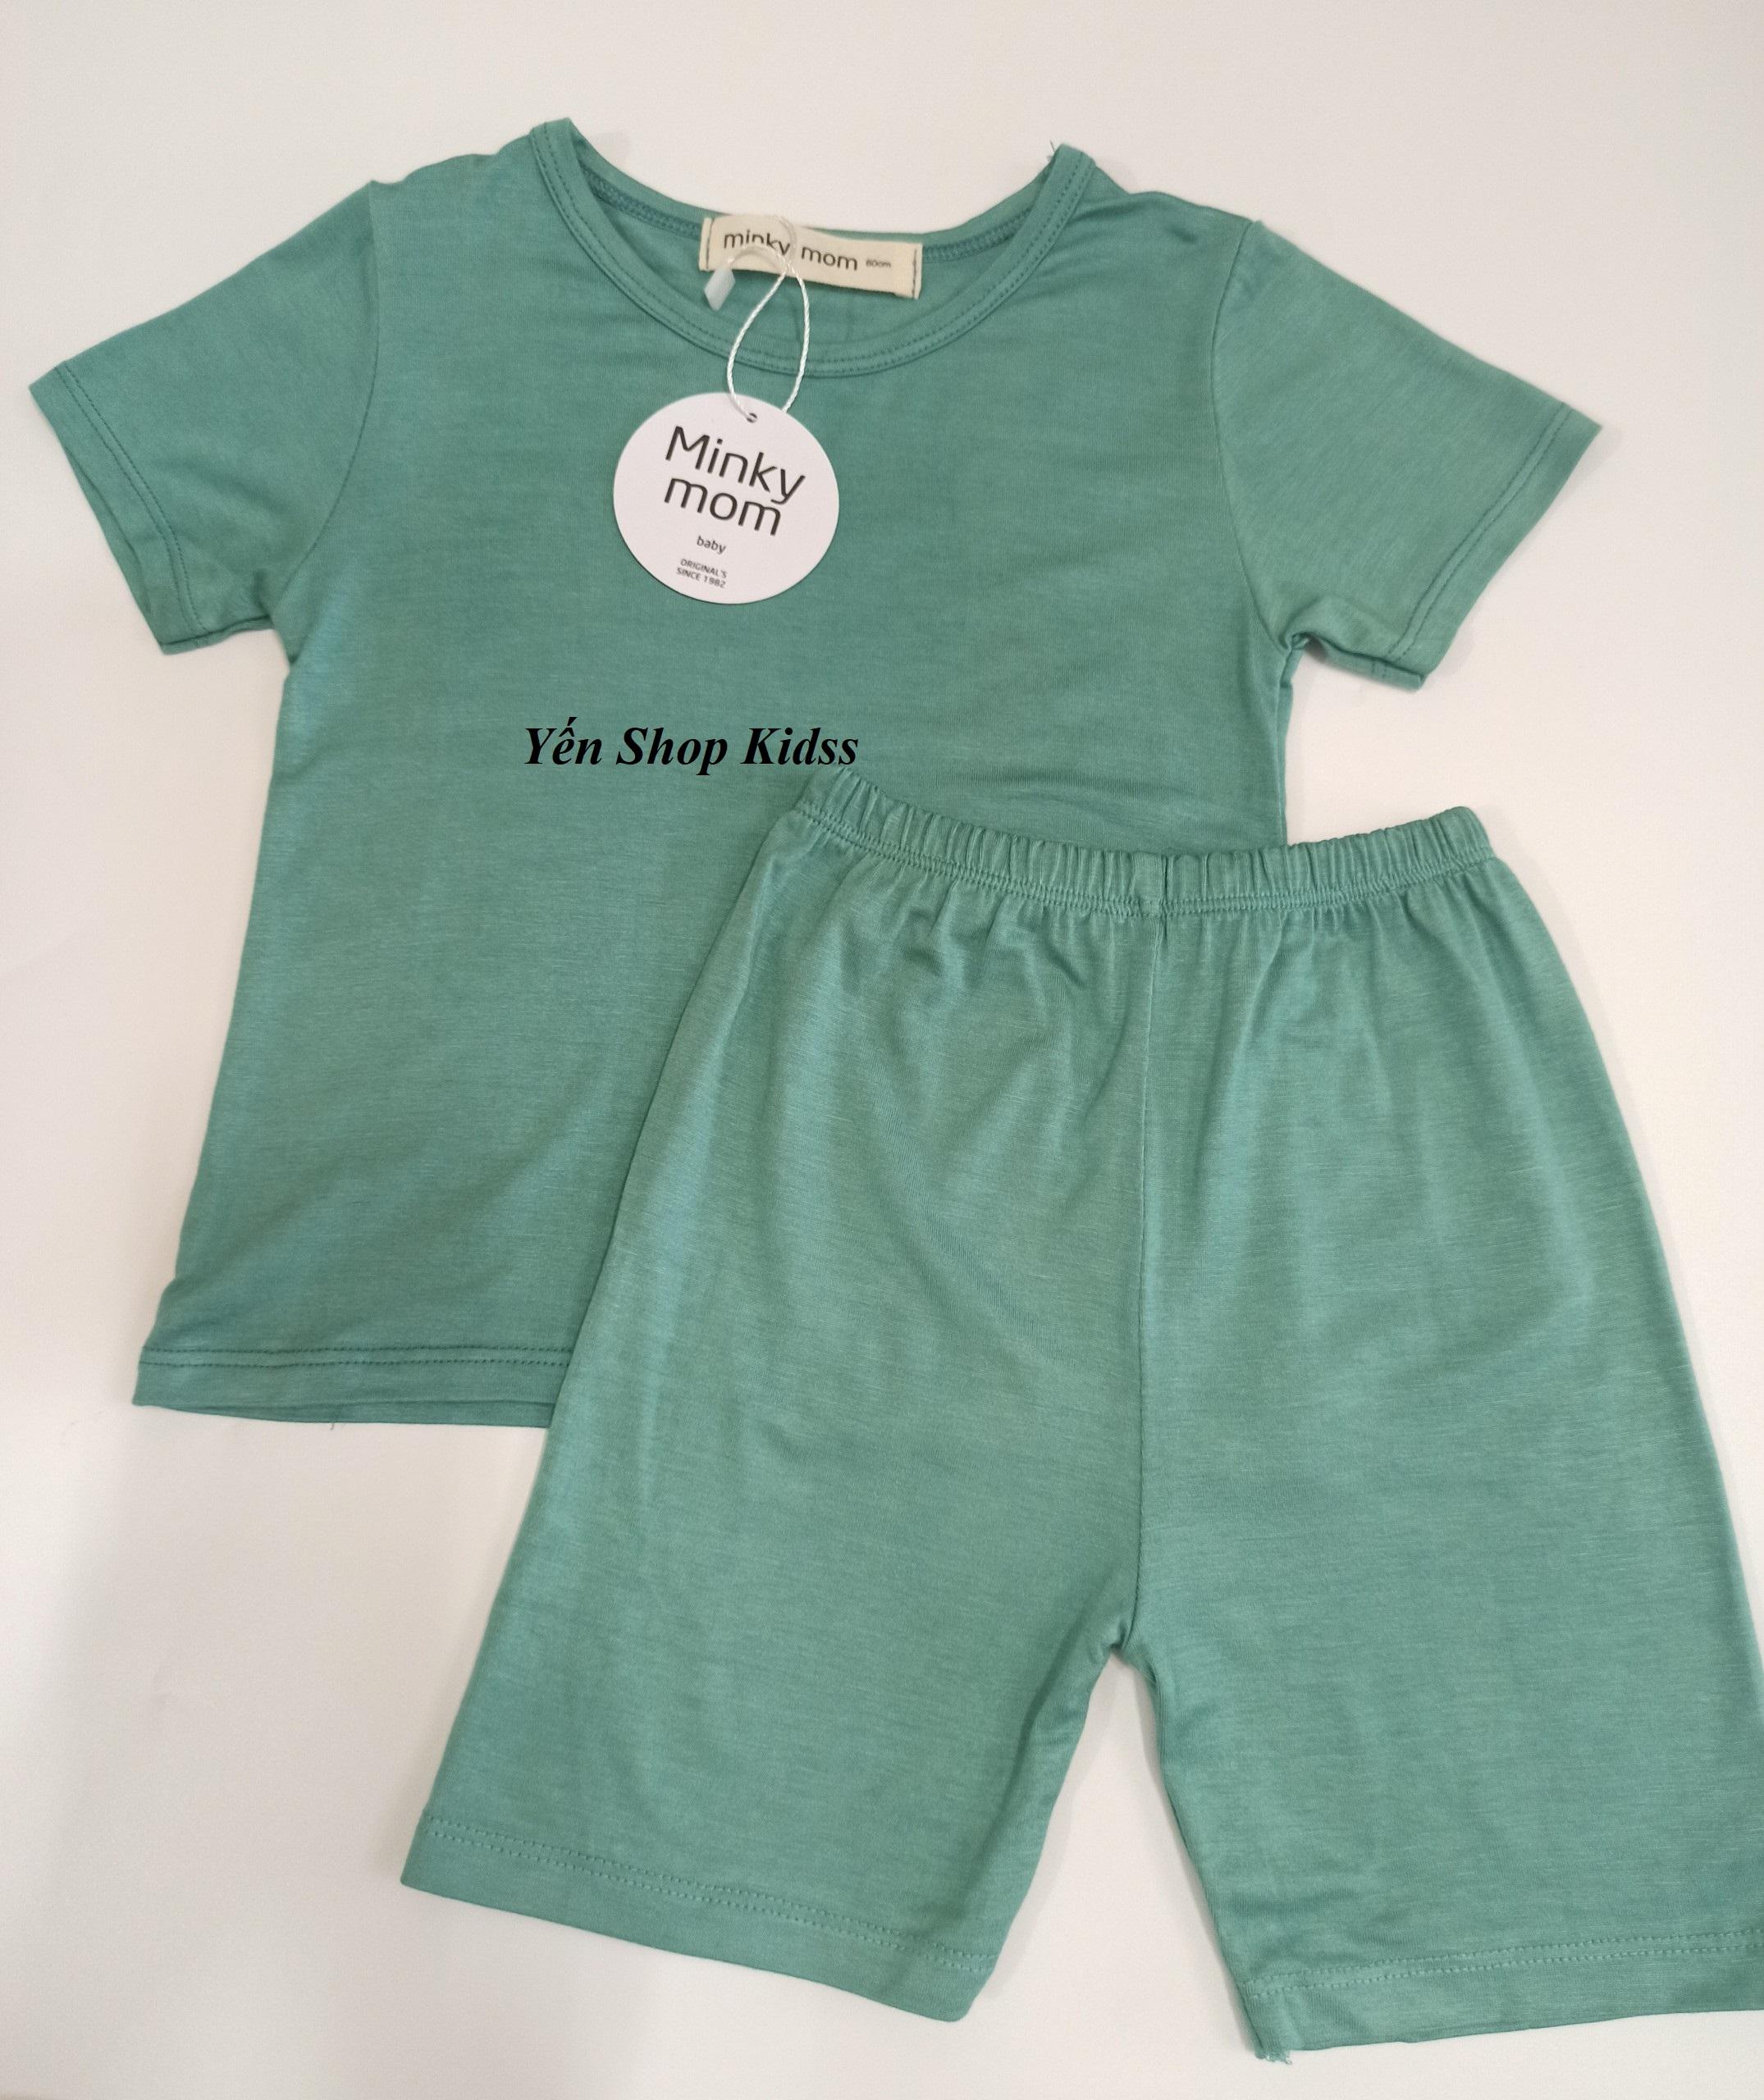 Bộ Cộc Tay Cotton Minky Mom Chất Thun Lạnh Cực Đẹp Cho Bé (Sz 6-19kg)( SP000950)